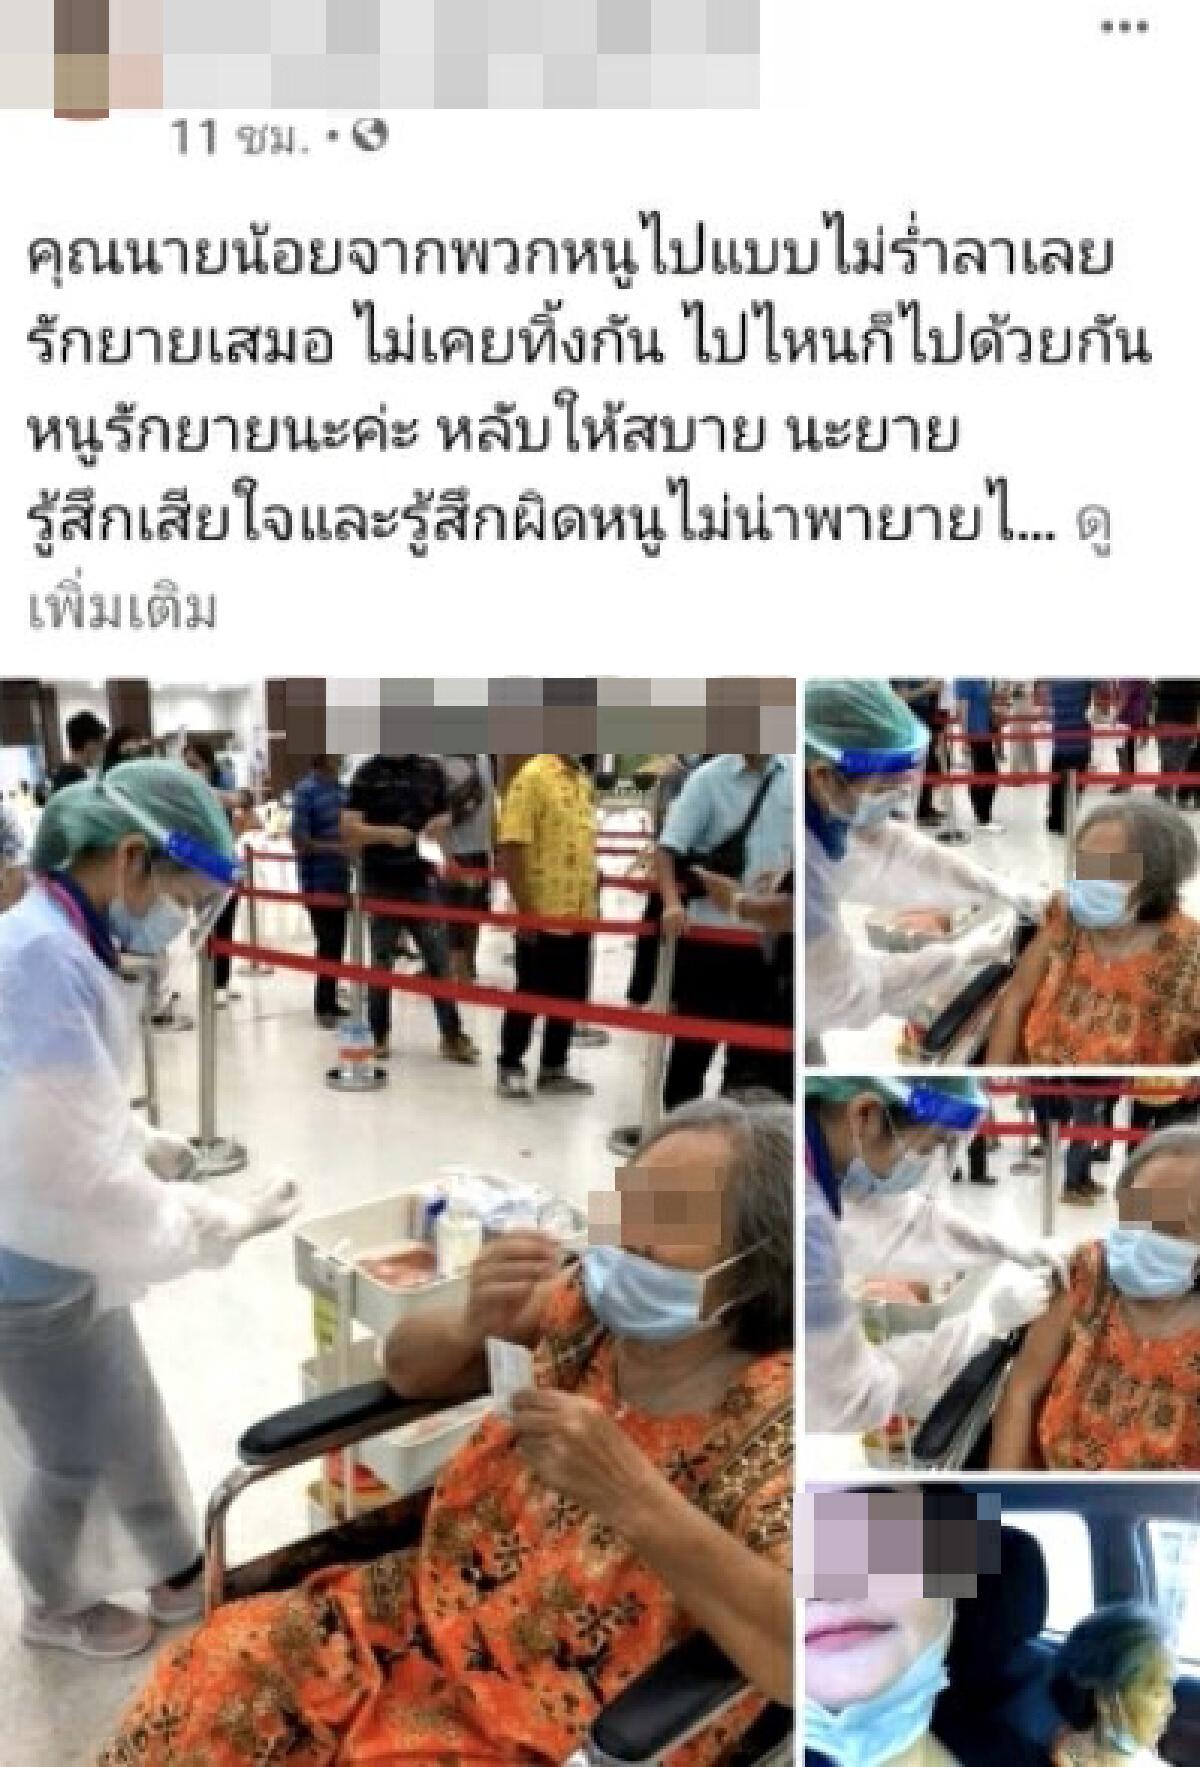 ญาติโวยยายวัย 80 ดับหลังฉีดวัคซีนโควิด